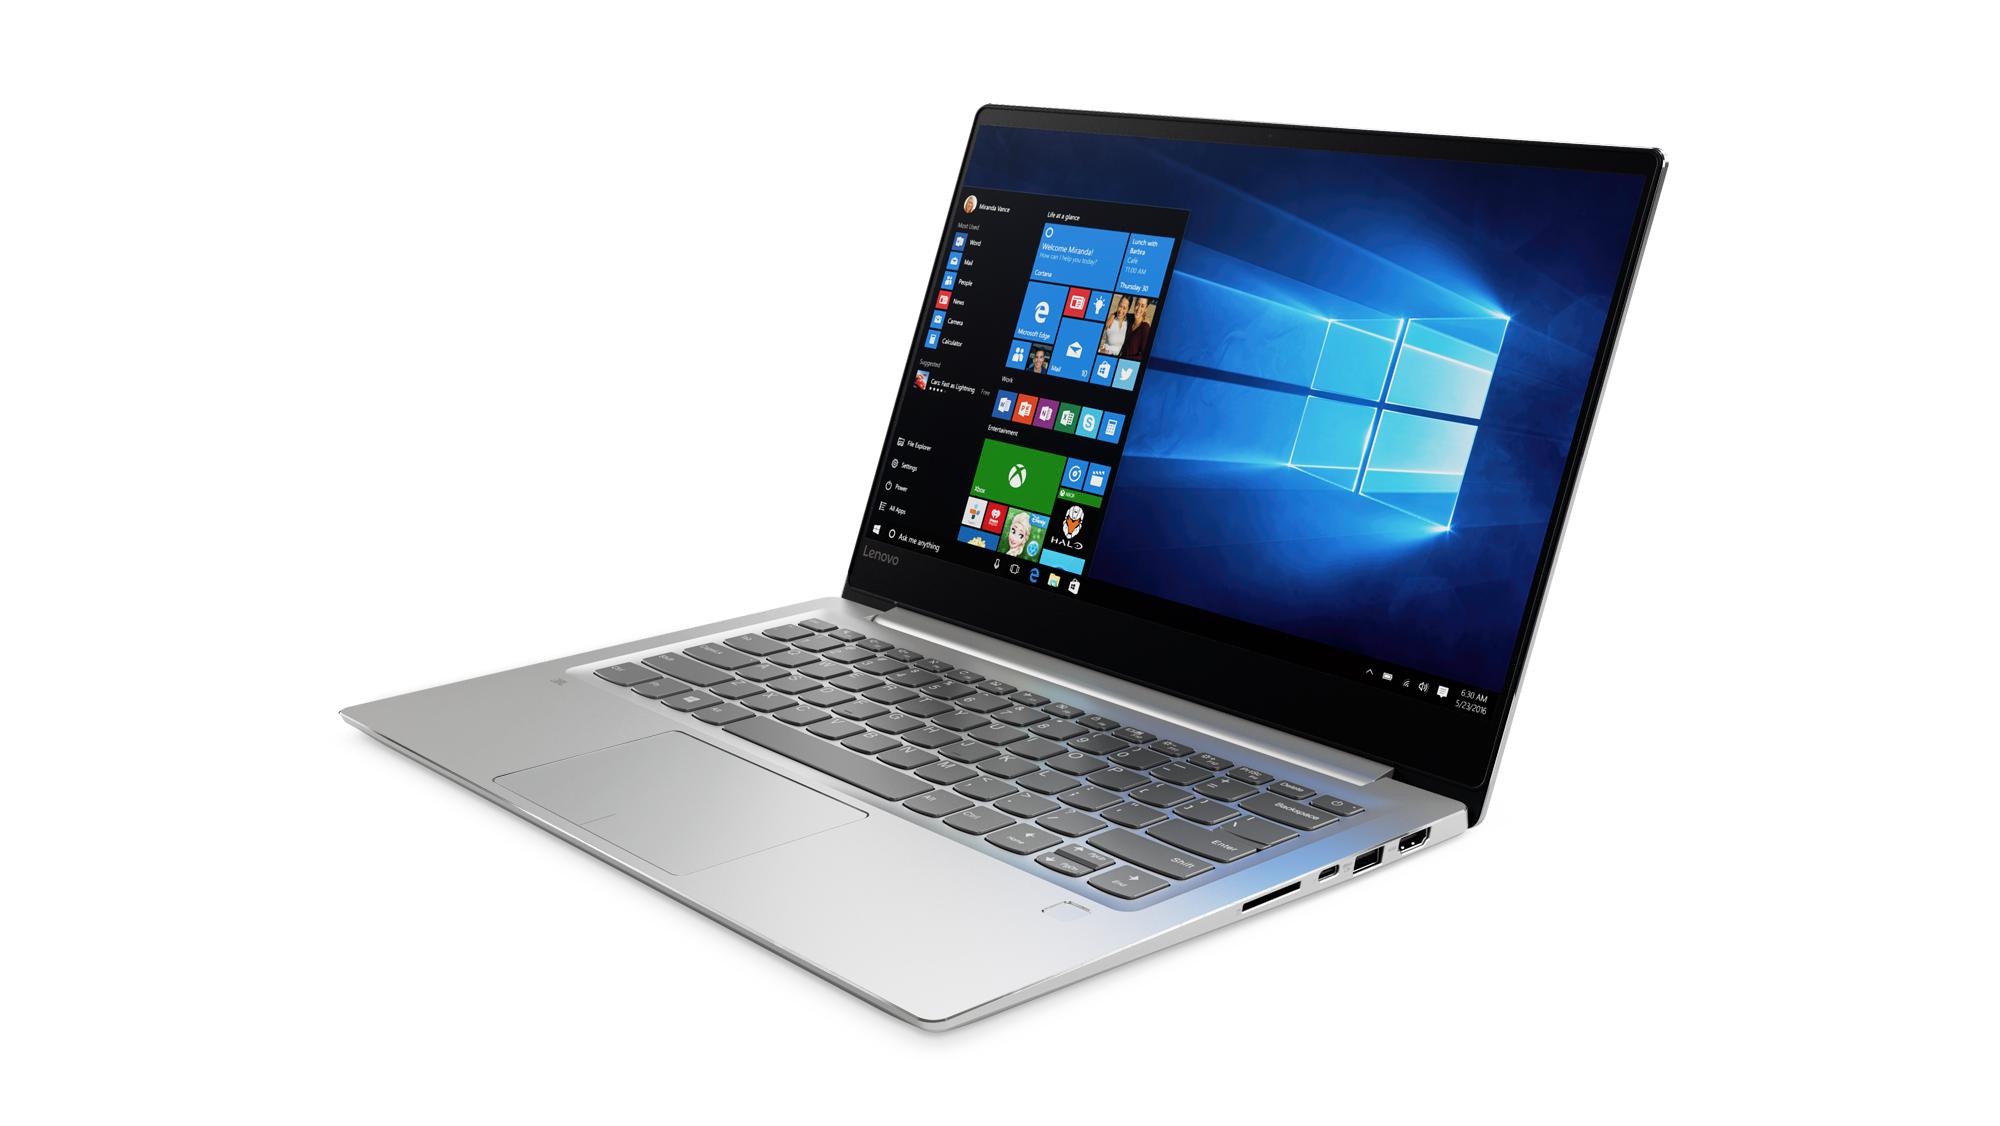 80XC0013CK Lenovo IdeaPad 720S-14IKB 14.0 FHD IPS AG/i5-7200U/8G/256G/NV2G/W10H/Backlit/Stříbrná